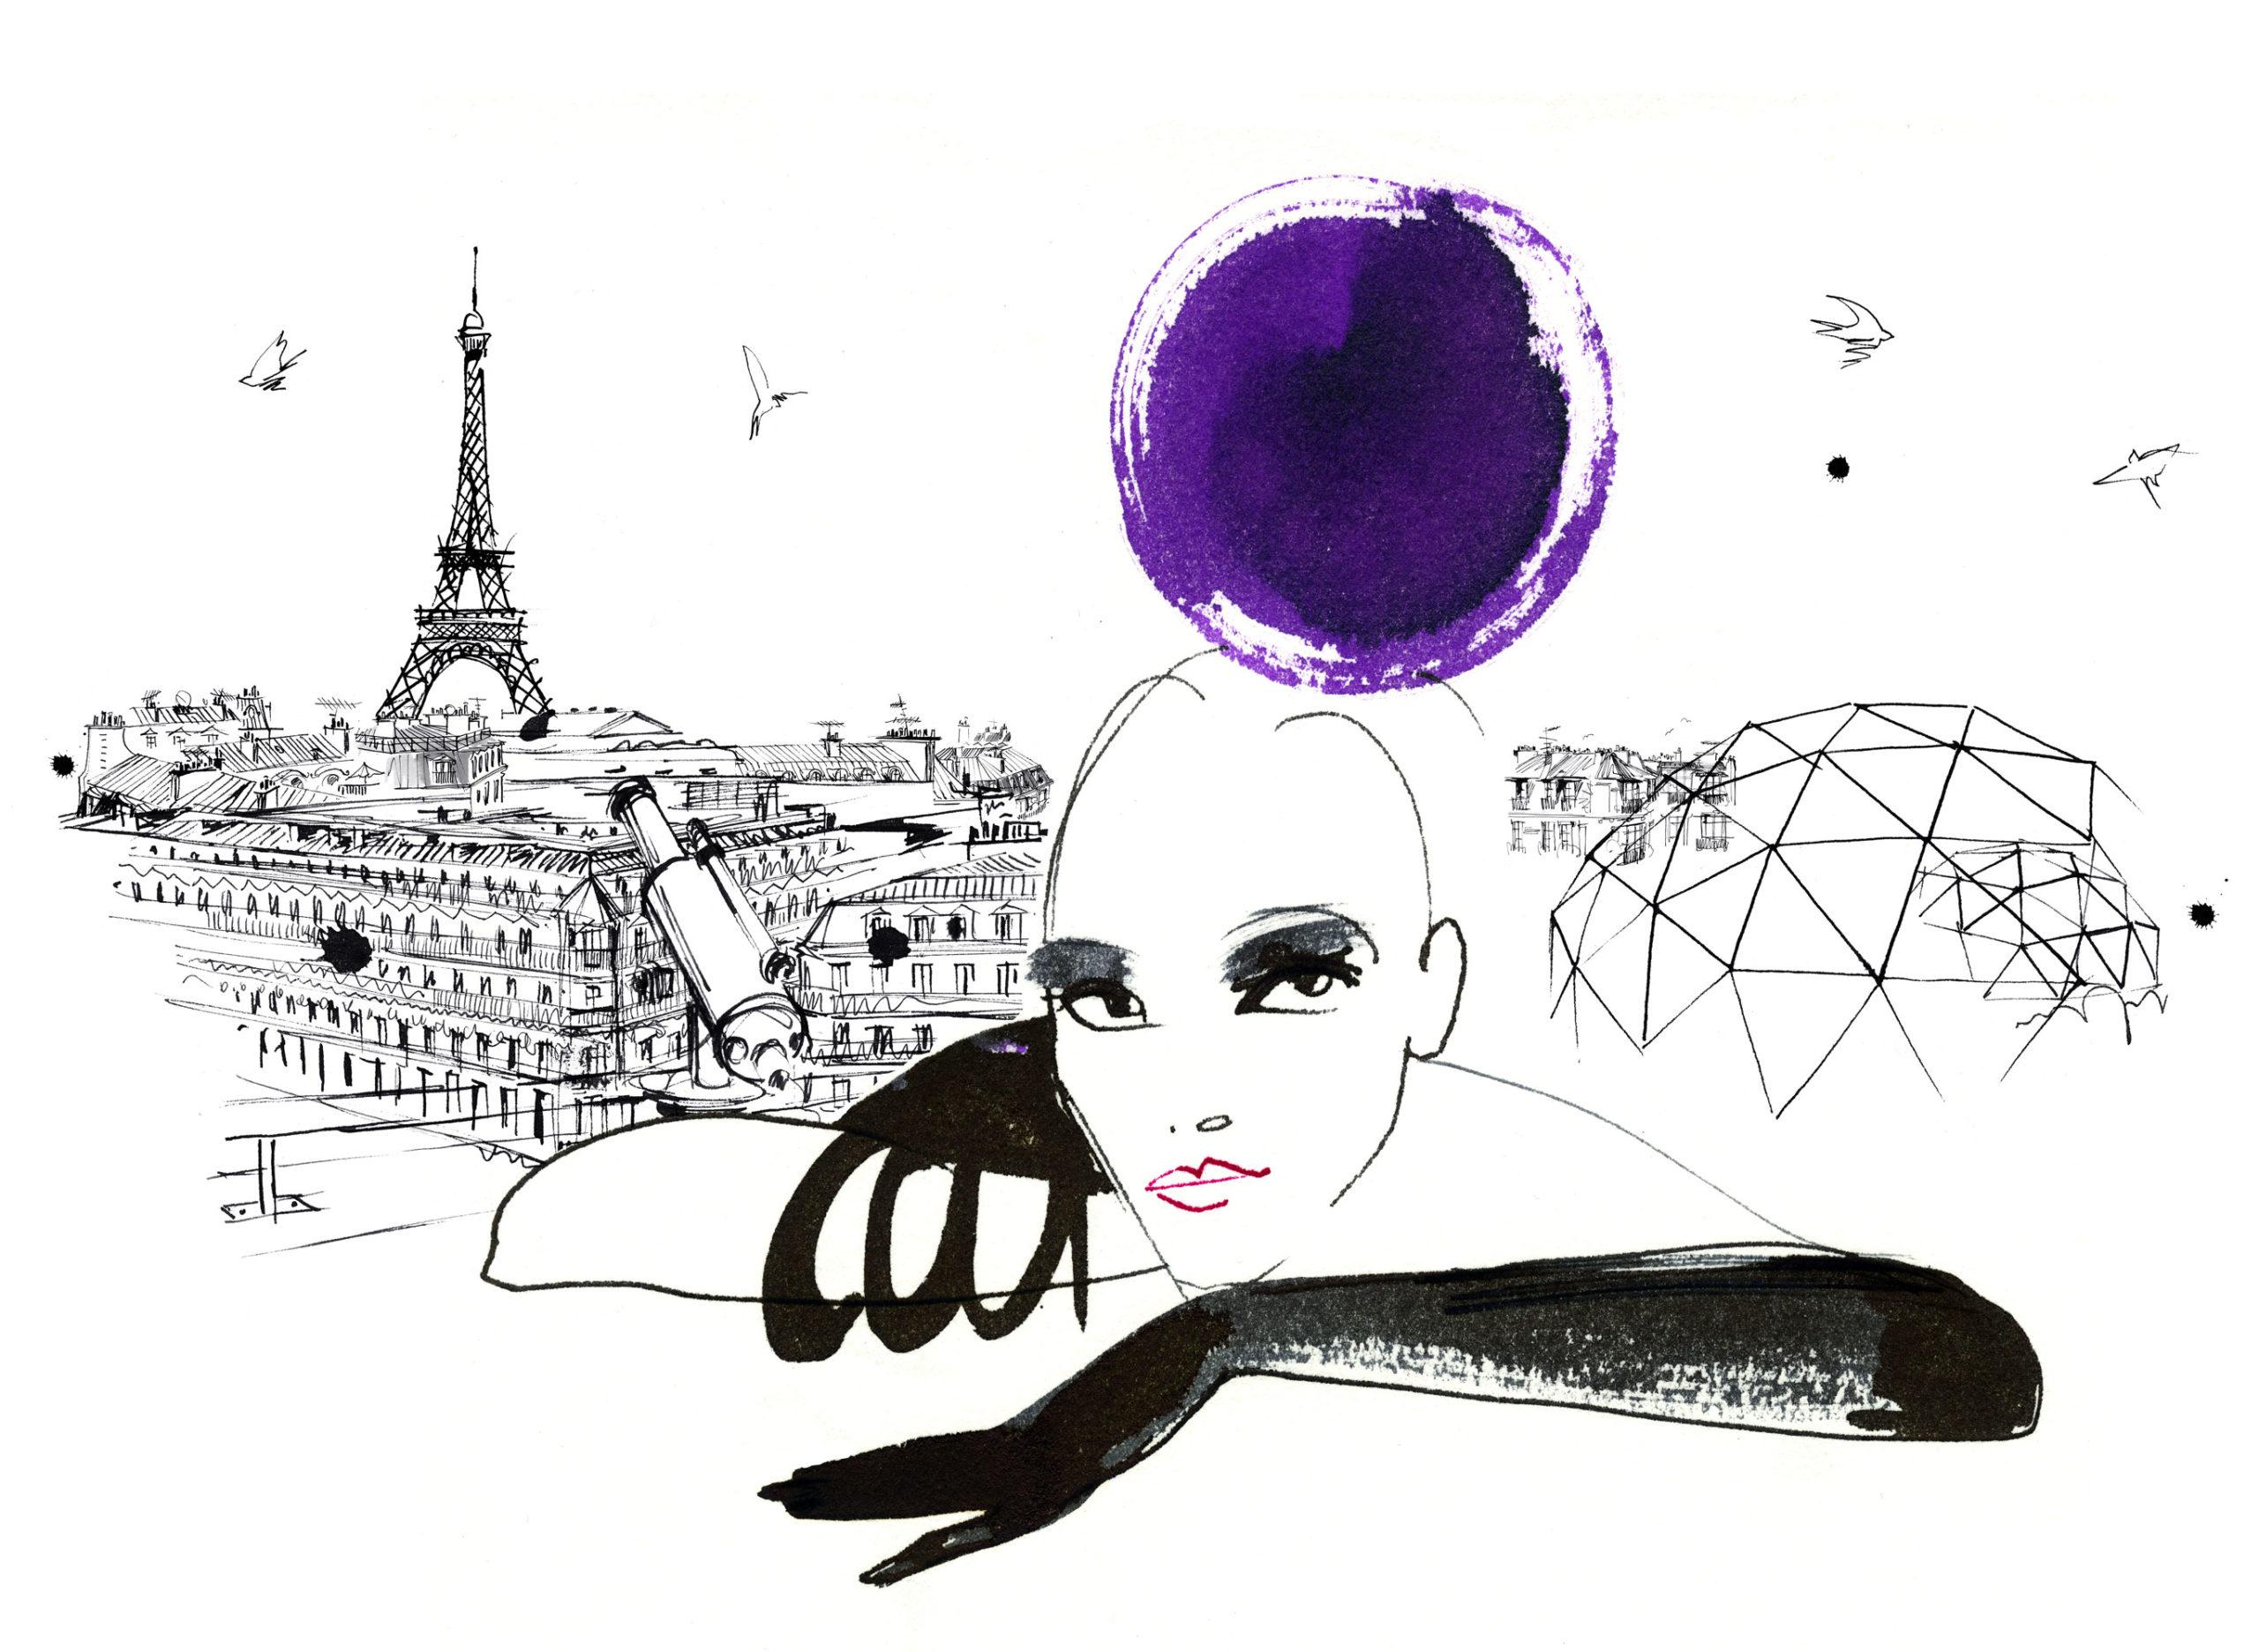 Lovisa Burfitt illustration Galeries Lafayette Allongee